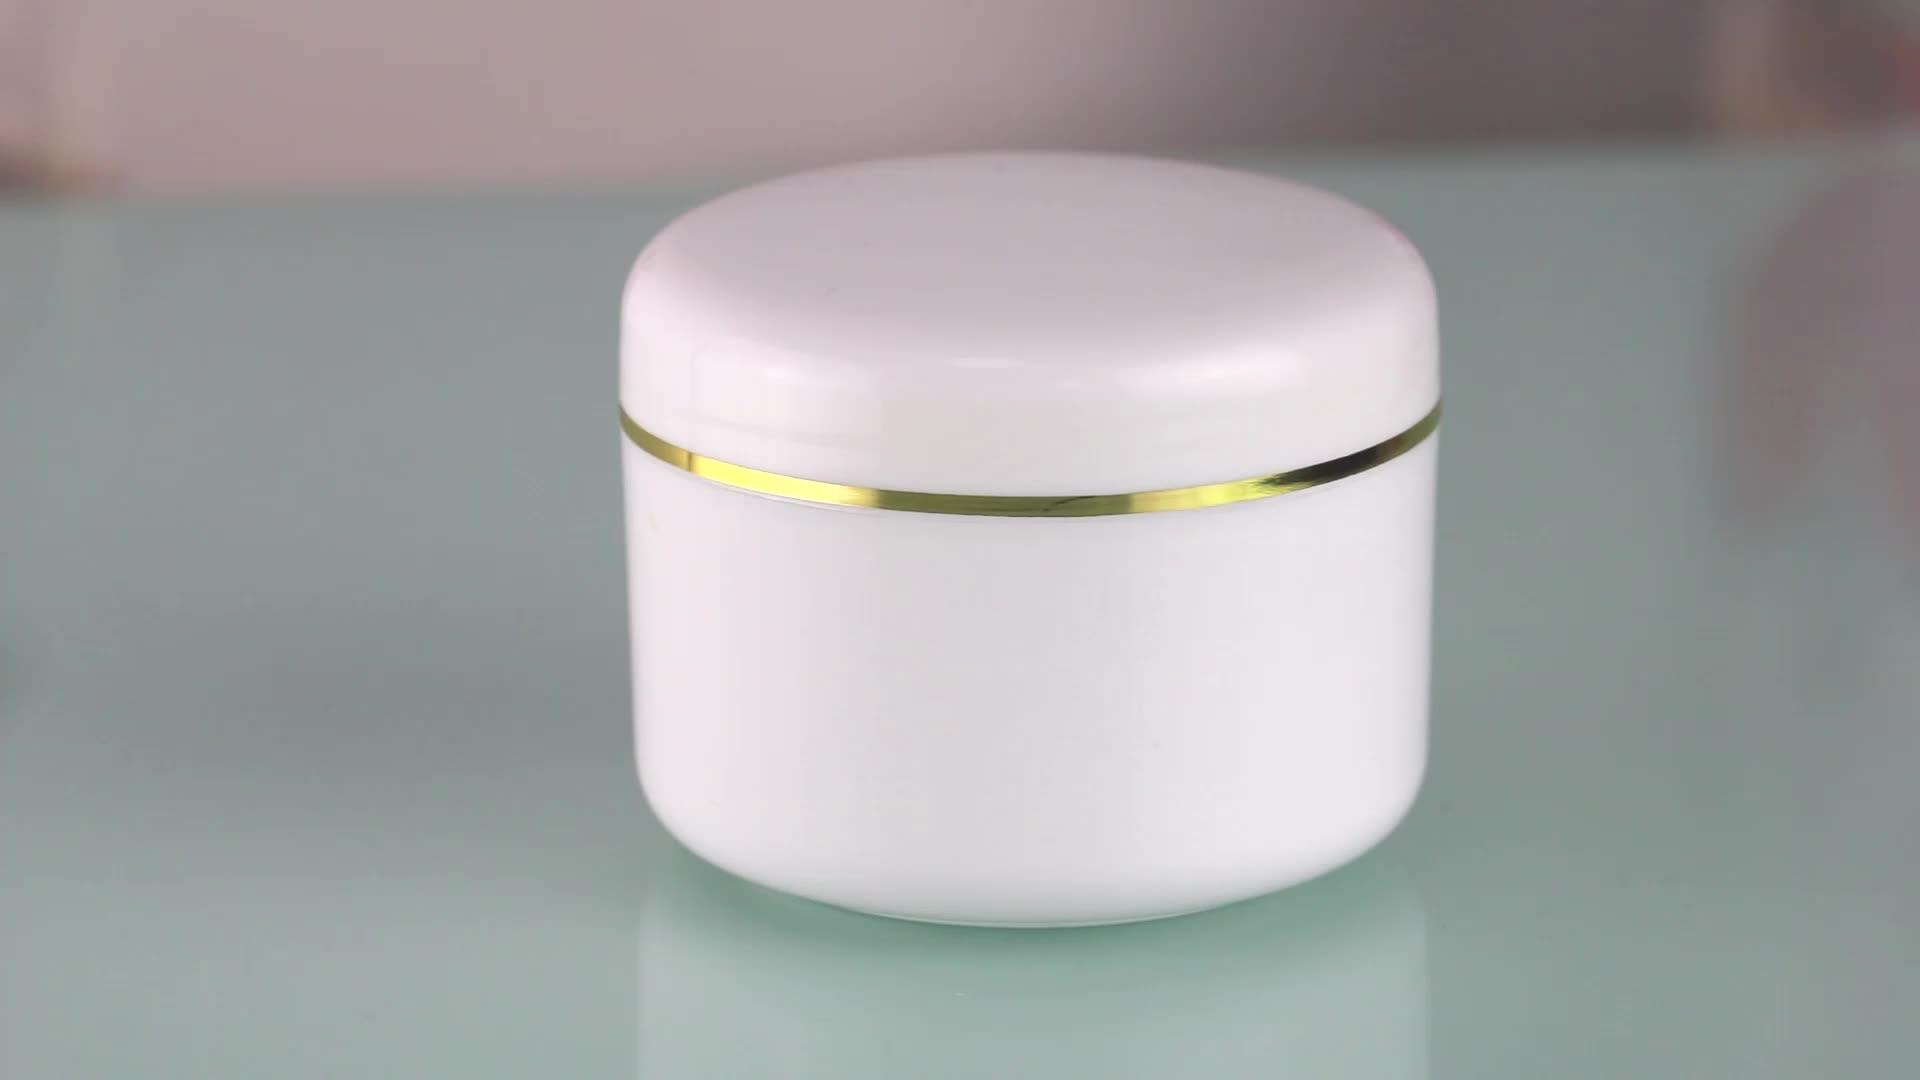 5G 15G 30G 50G di Crema Cosmetica Vuota Bottiglia di Gel Nail Polish Personalizzato di Plastica Del Chiodo Barattolo di Gel